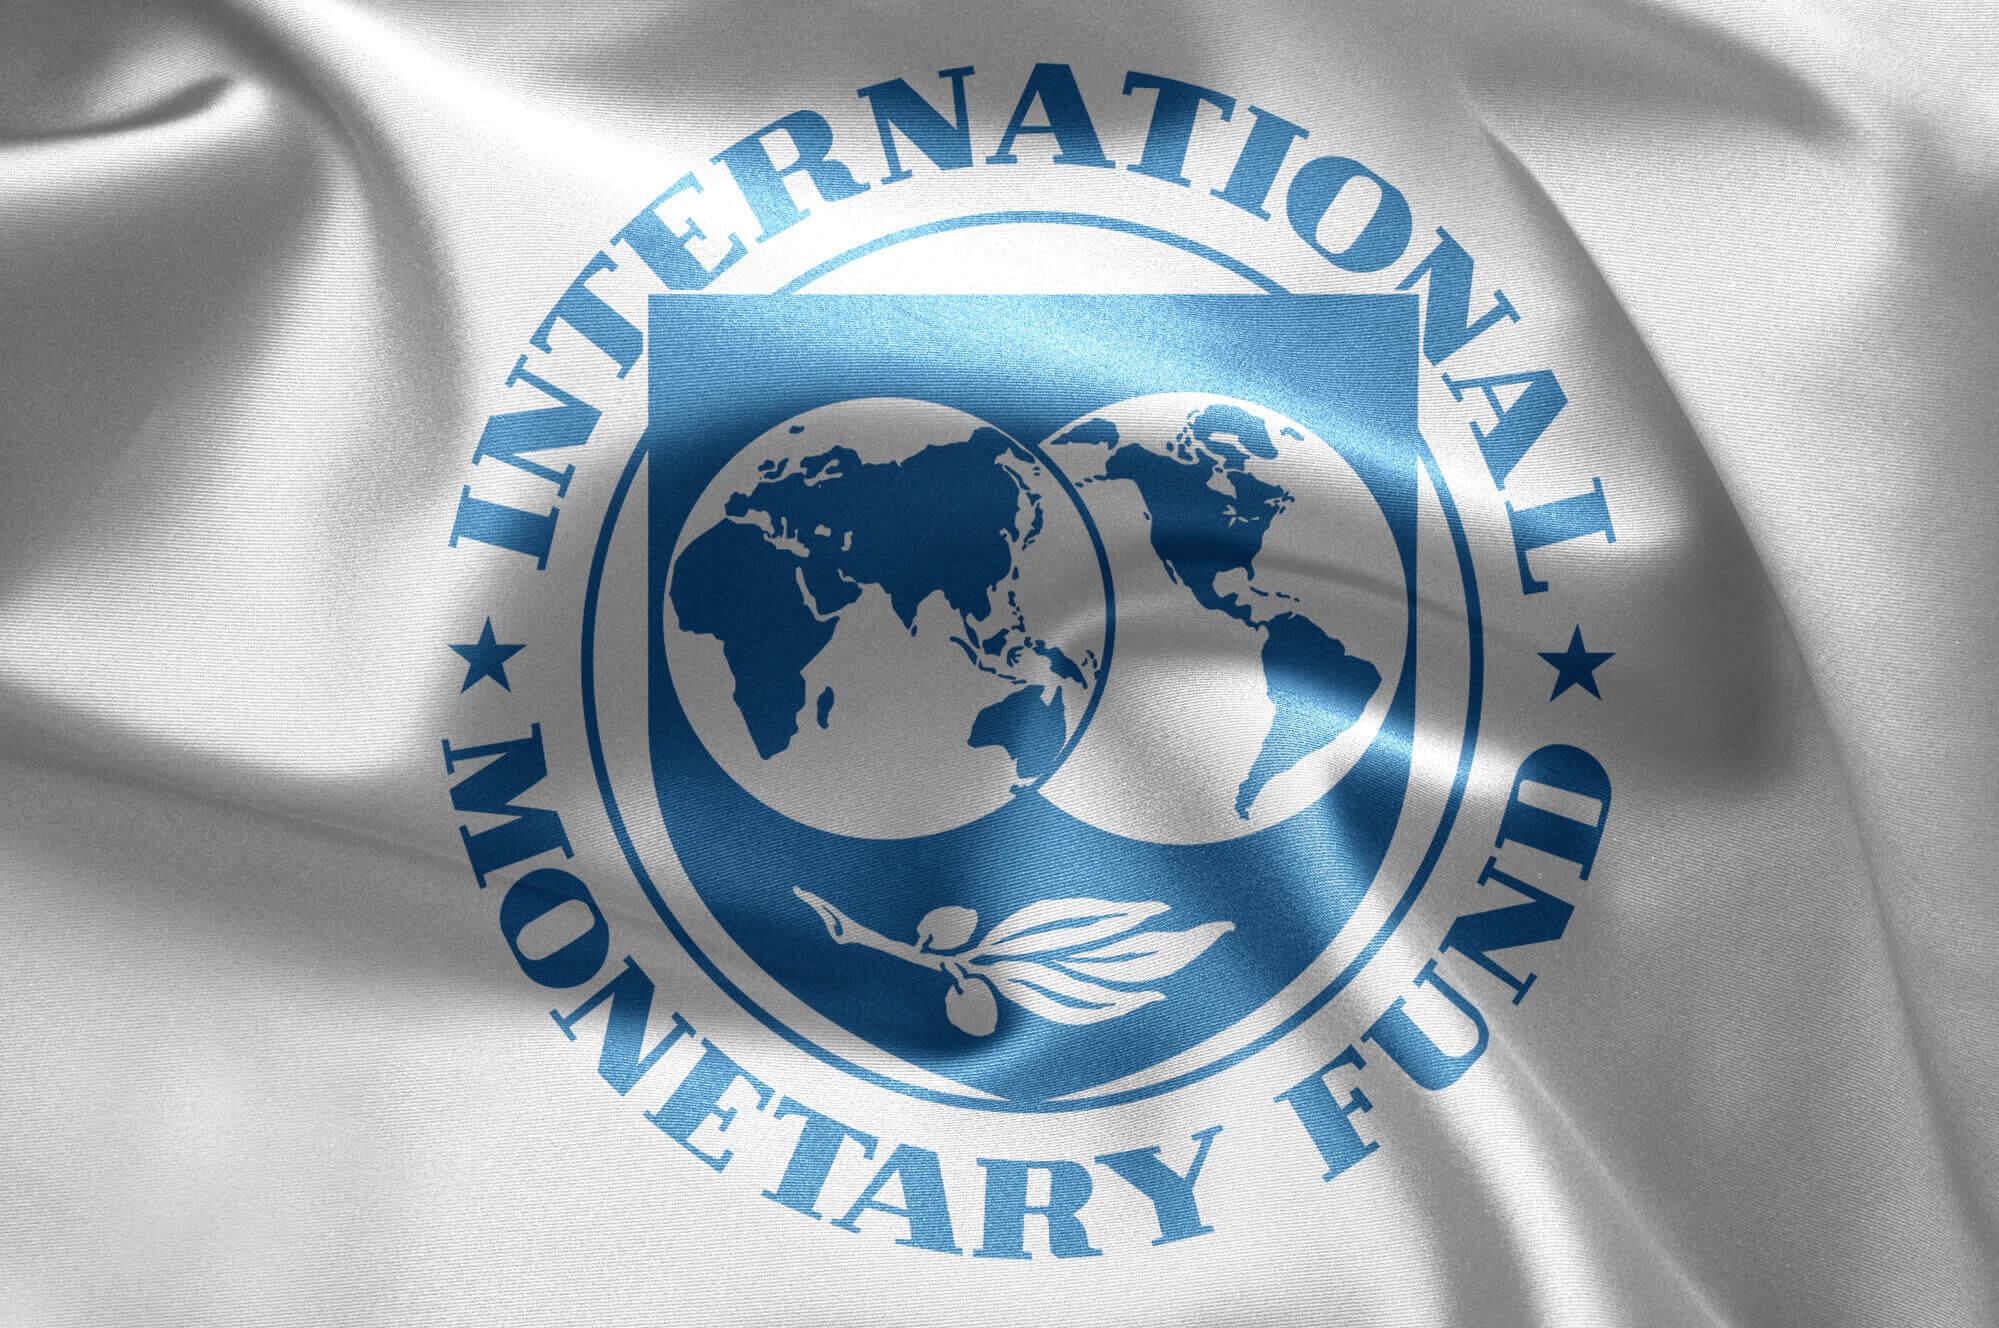 МВФ раздора. На что влияет МВФ в Украине? Эксплейнер